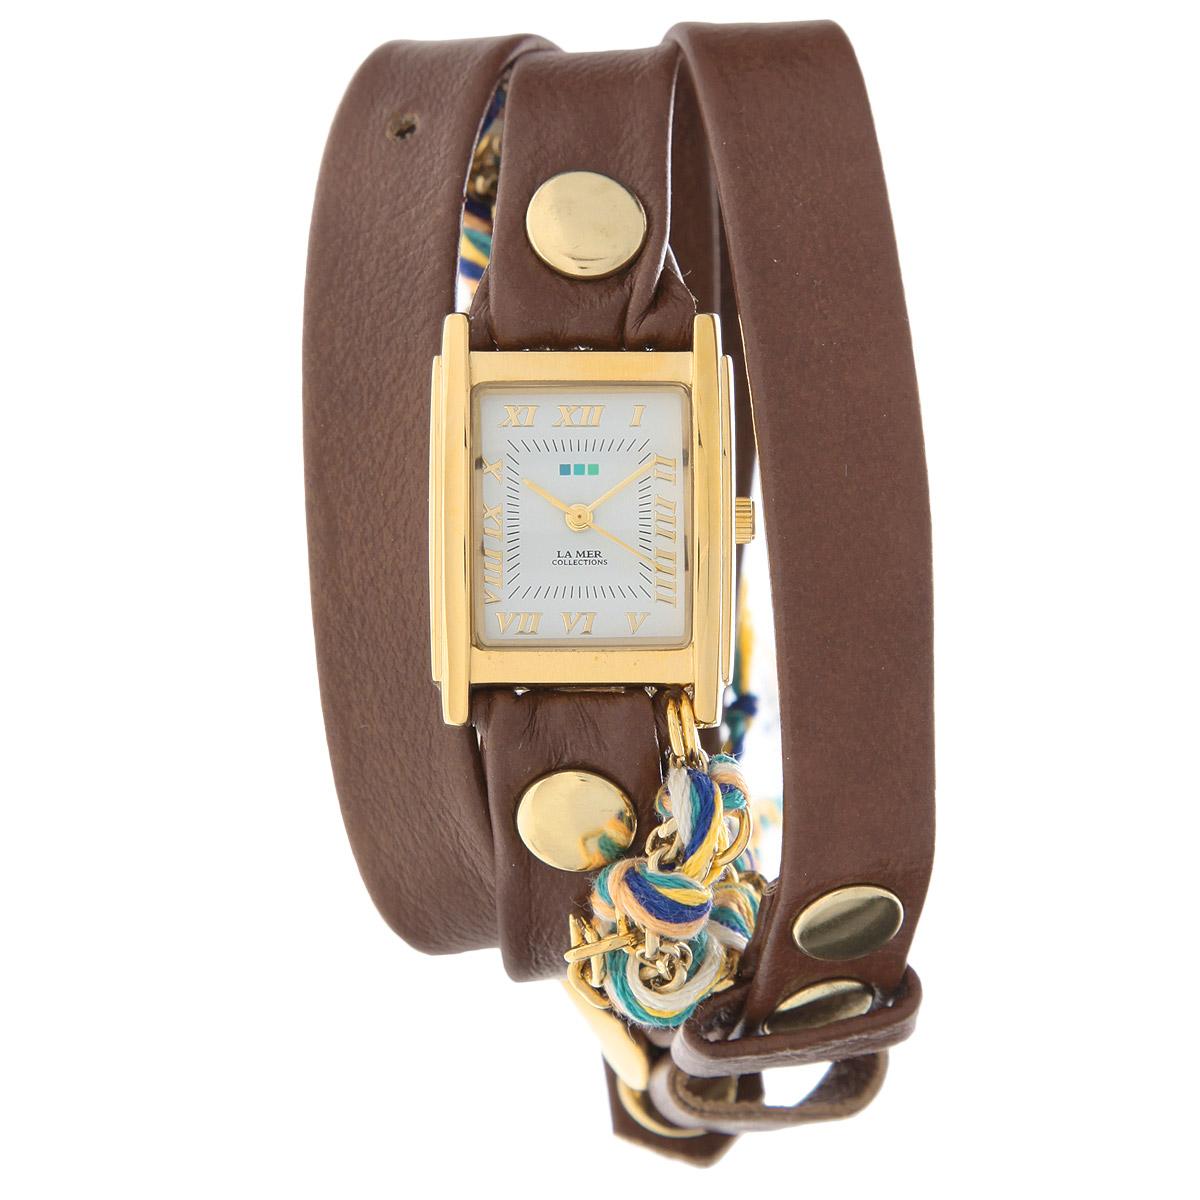 Часы наручные женские La Mer Collections Chain Primary Friendship. LMCW9001LMCW9001Женские наручные часы La Mer Collections позволят вам выделиться из толпы и подчеркнуть свою индивидуальность. Часы оснащены японским кварцевым механизмом Seiko. Ремешок выполнен из натуральной итальянской кожи, декорирован металлическими заклепками. Корпус часов изготовлен из сплава металлов, золотистого цвета. Циферблат оснащен часовой, минутной и секундной стрелками и защищен минеральным стеклом. Часы дополнительно украшены цепочкой из металлического сплава и цветных нитей. Часы застегиваются на классическую застежку. Часы хранятся на специальной подушечке в футляре из искусственной замши, крышка которого оформлена логотипом компании La Mer Collection. Характеристики: Размер циферблата: 25 х 22 х 7 мм. Размер ремешка: 550 х 8 мм. Не содержат никель. Не водостойкие. Собираются вручную в США.